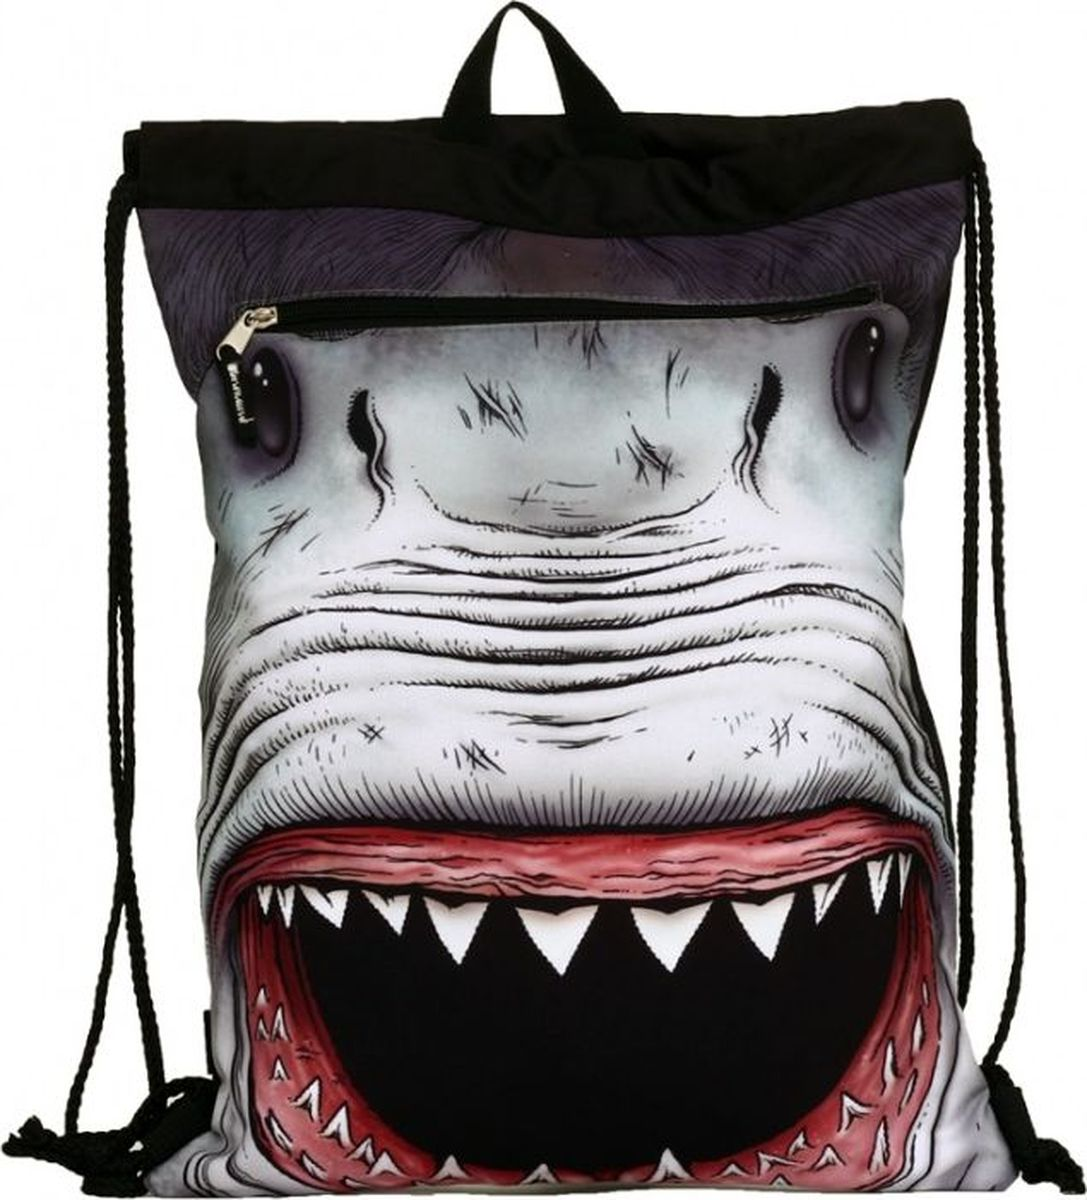 Mojo Сумка-рюкзак Shark Attack с капюшоном72523WDОригинальная сумка-рюкзак отлично подойдёт как для обуви, так и для различных вещей. Карман содержит в себе дополнительные элементы, соответствующий дизайну изделия. Закрывается рюкзак на кулиску, благодаря стягиванию лямок. Текстильная ручка позволяет не только переносить рюкзак за спиной, но и в руках.